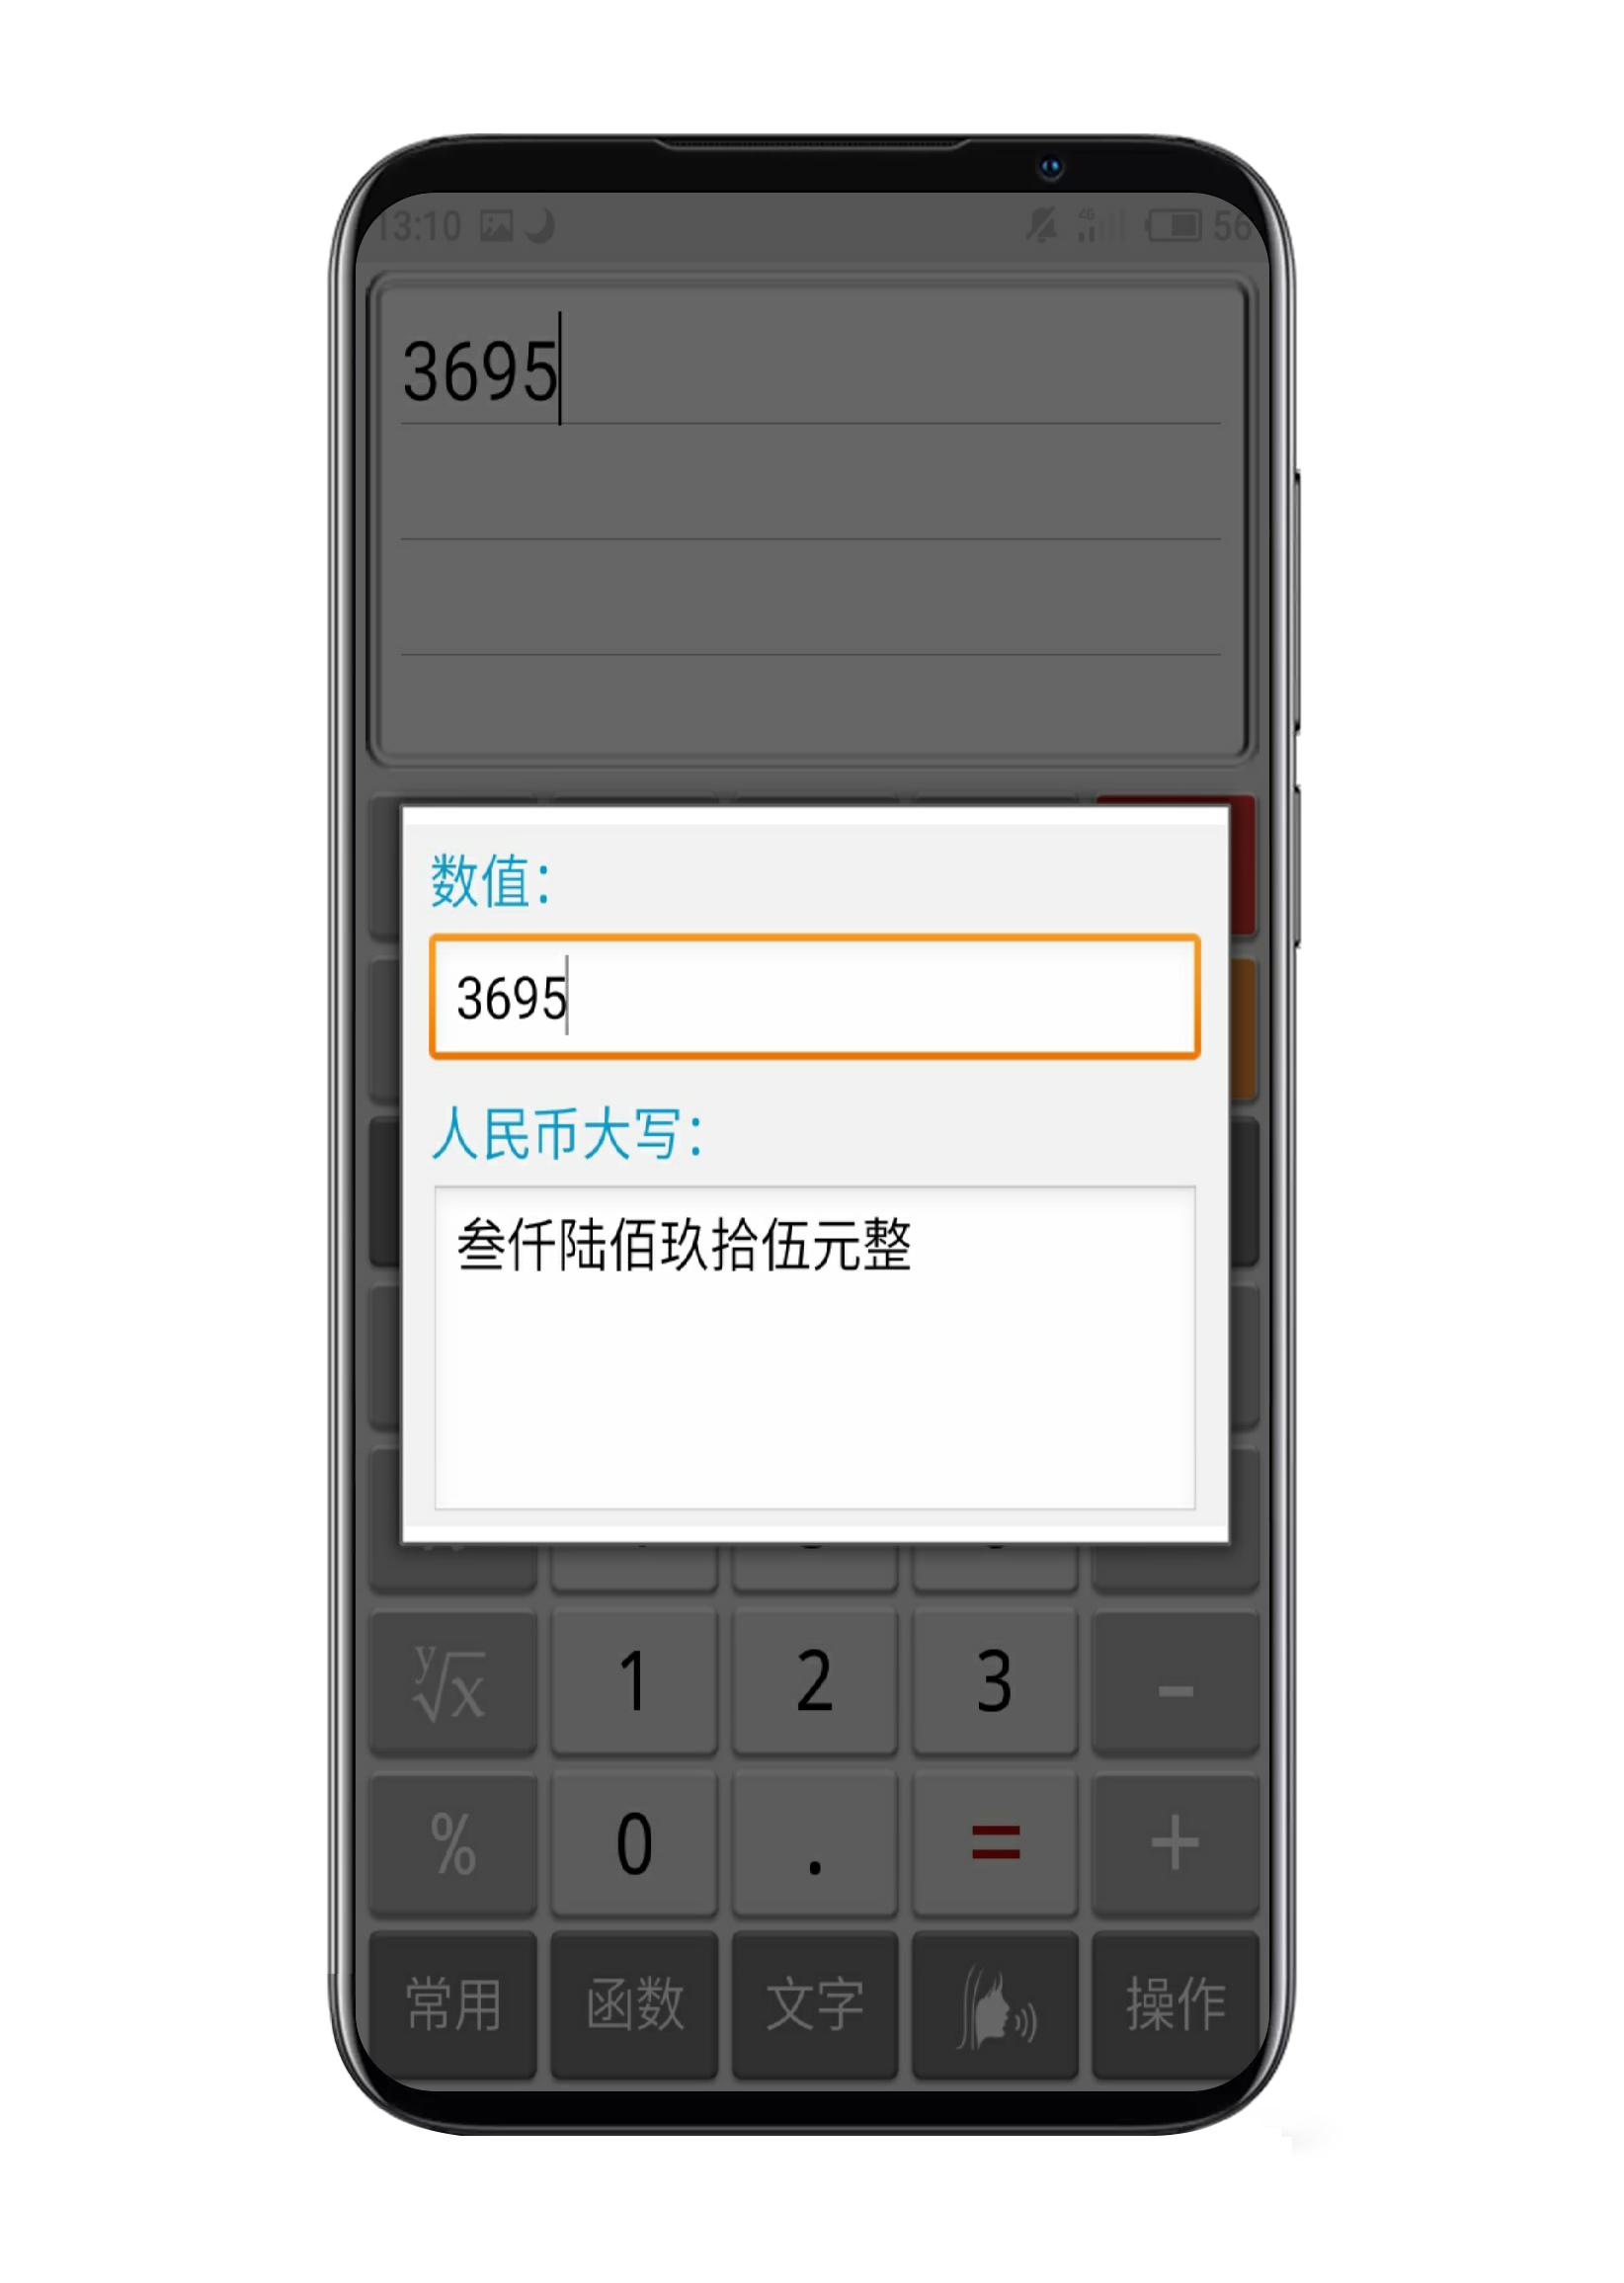 【分享】计算管家3.4.0付费版-爱小助